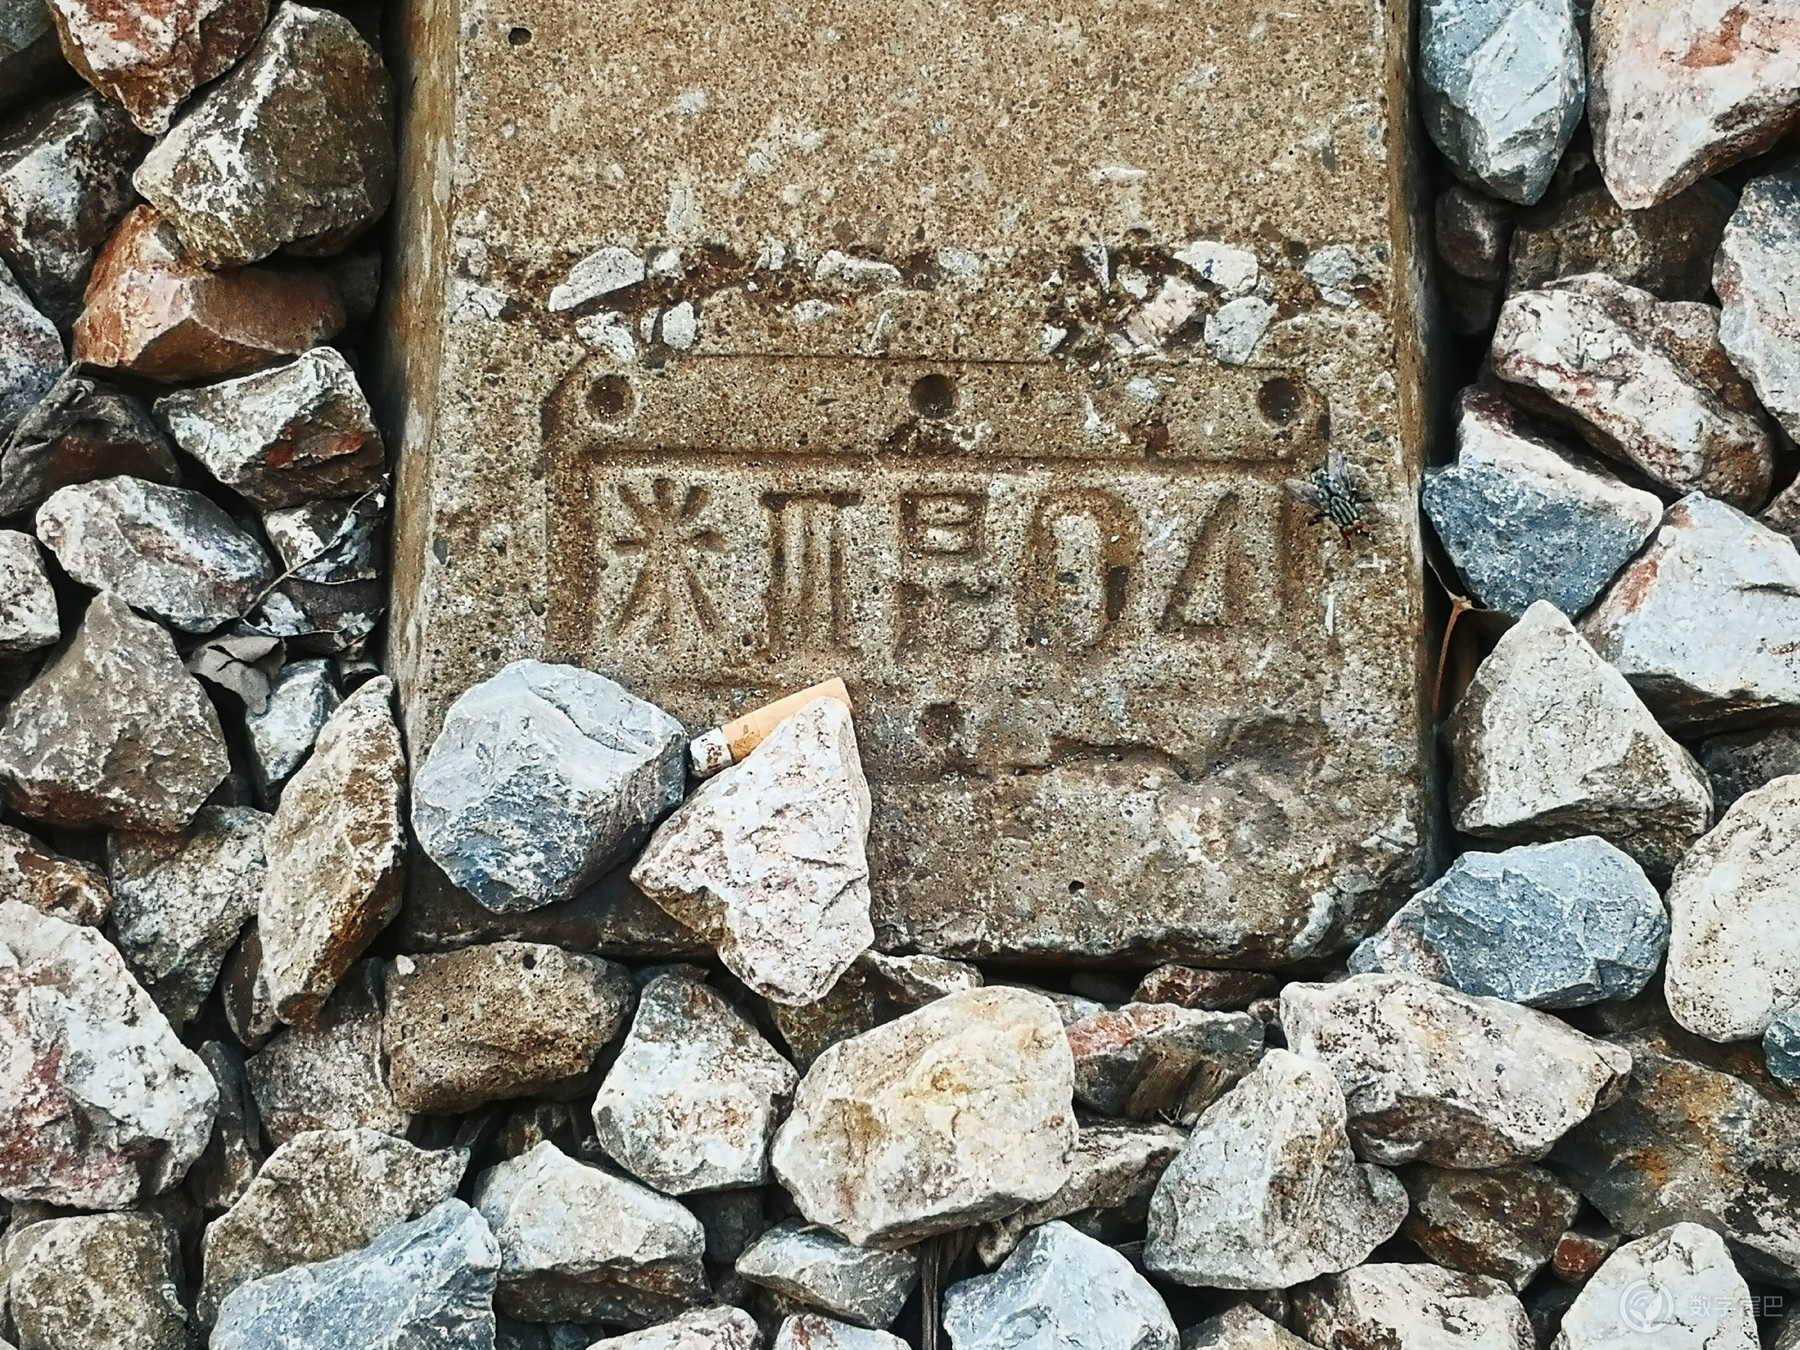 滇越鐵路上最初的鋼軌枕木乃至鉚釘,以及沿線重要橋樑、水鶴、站房,都是百年歷史的老物件。這裡已經是被替換過的枕木了